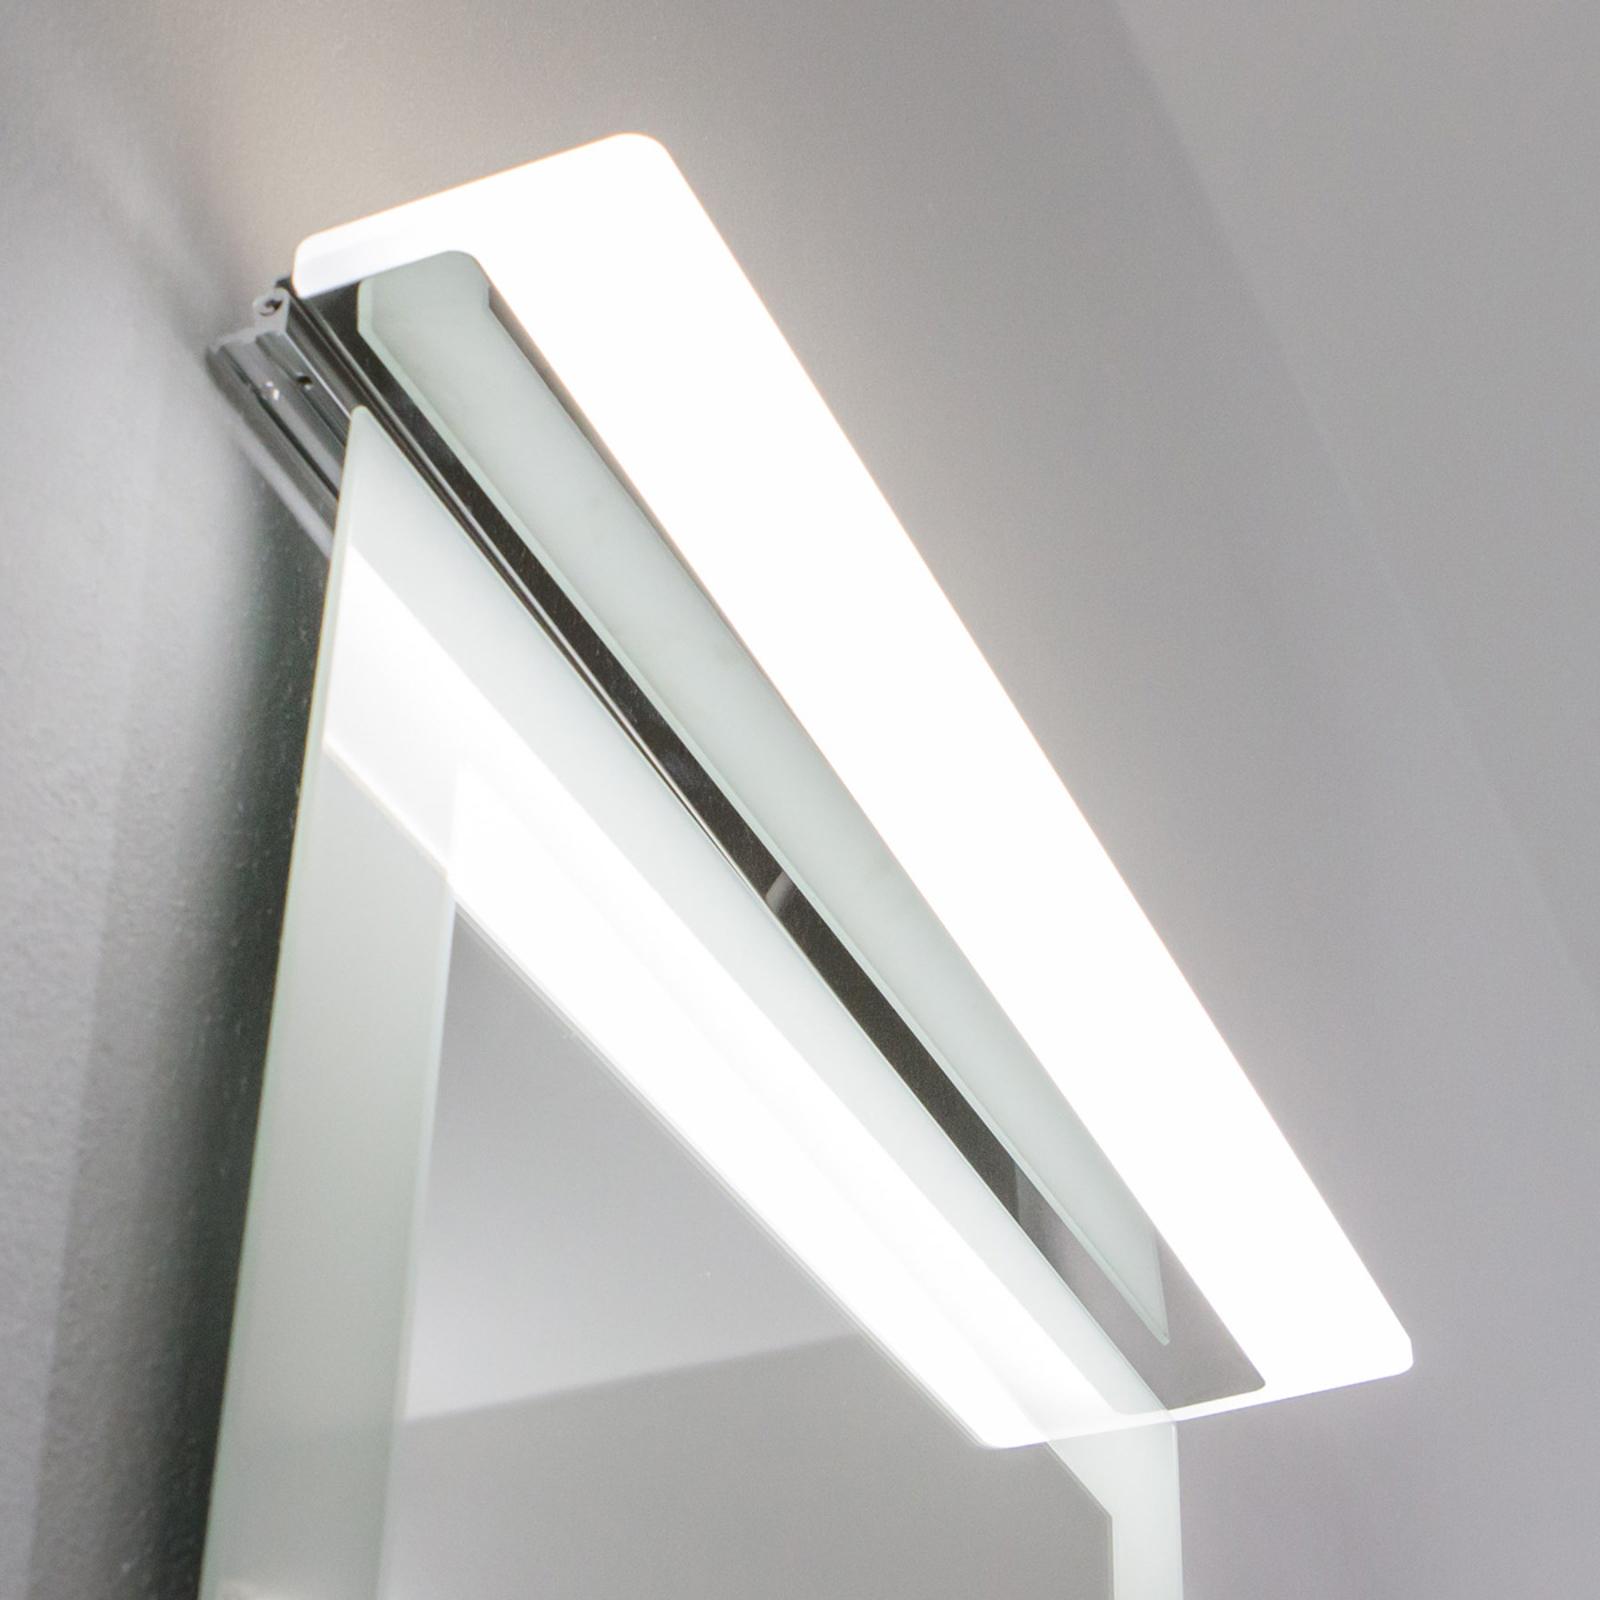 Zrkadlové LED svietidlo Katherine S2, IP44_3052029_1